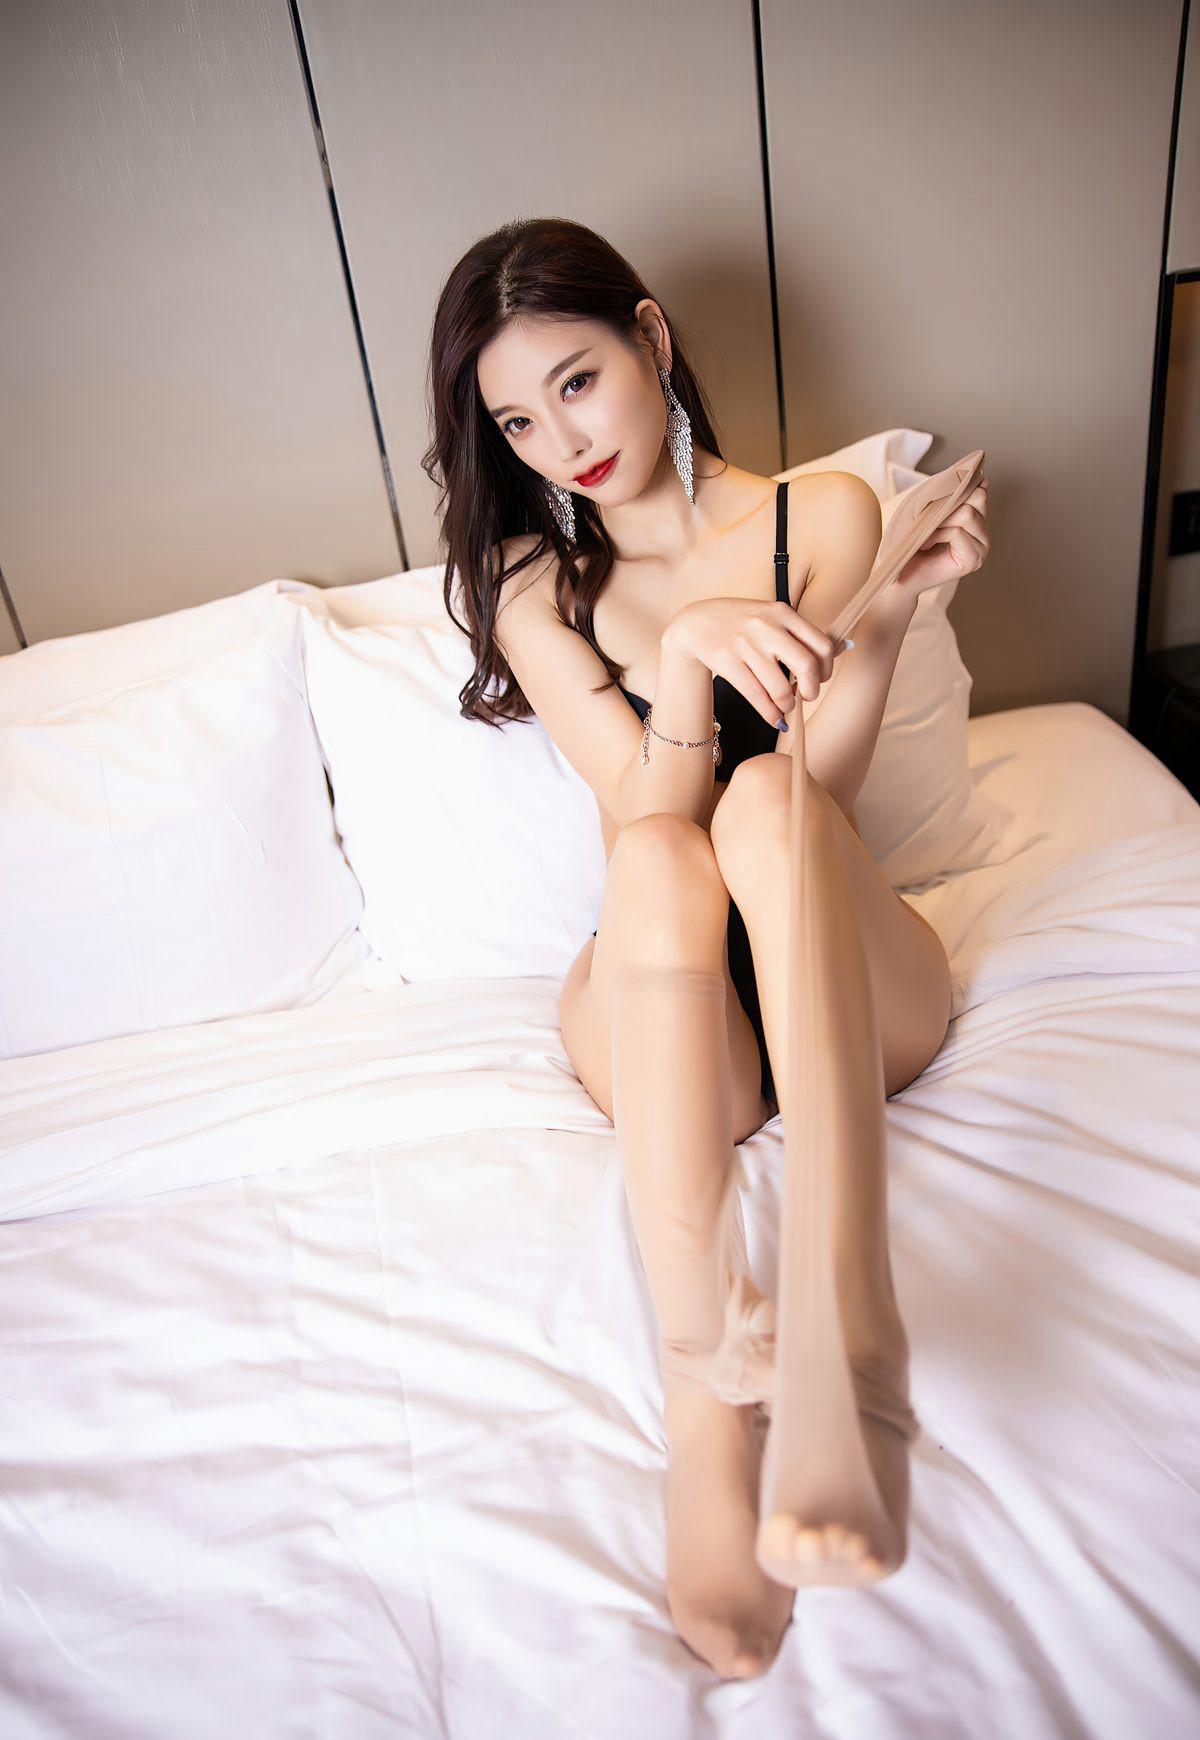 杨晨晨sugar2021性感旗袍诱惑肉丝袜美腿高清玉足高跟-91-『游乐宫』Youlegong.com 第31张